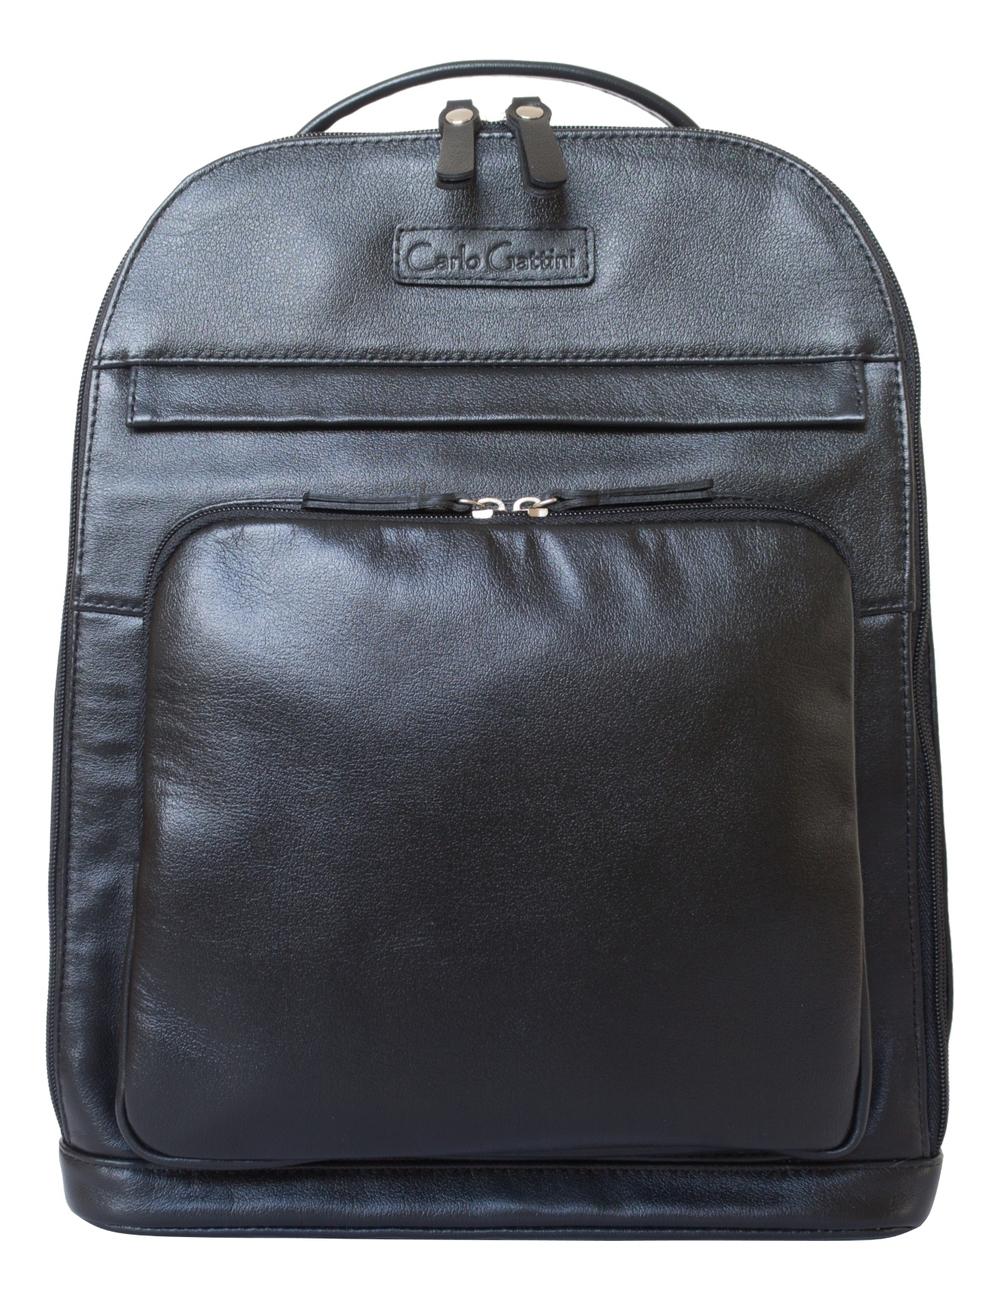 Рюкзак Montegrotto Black 3022-01 рюкзак montegrotto black 3022 01